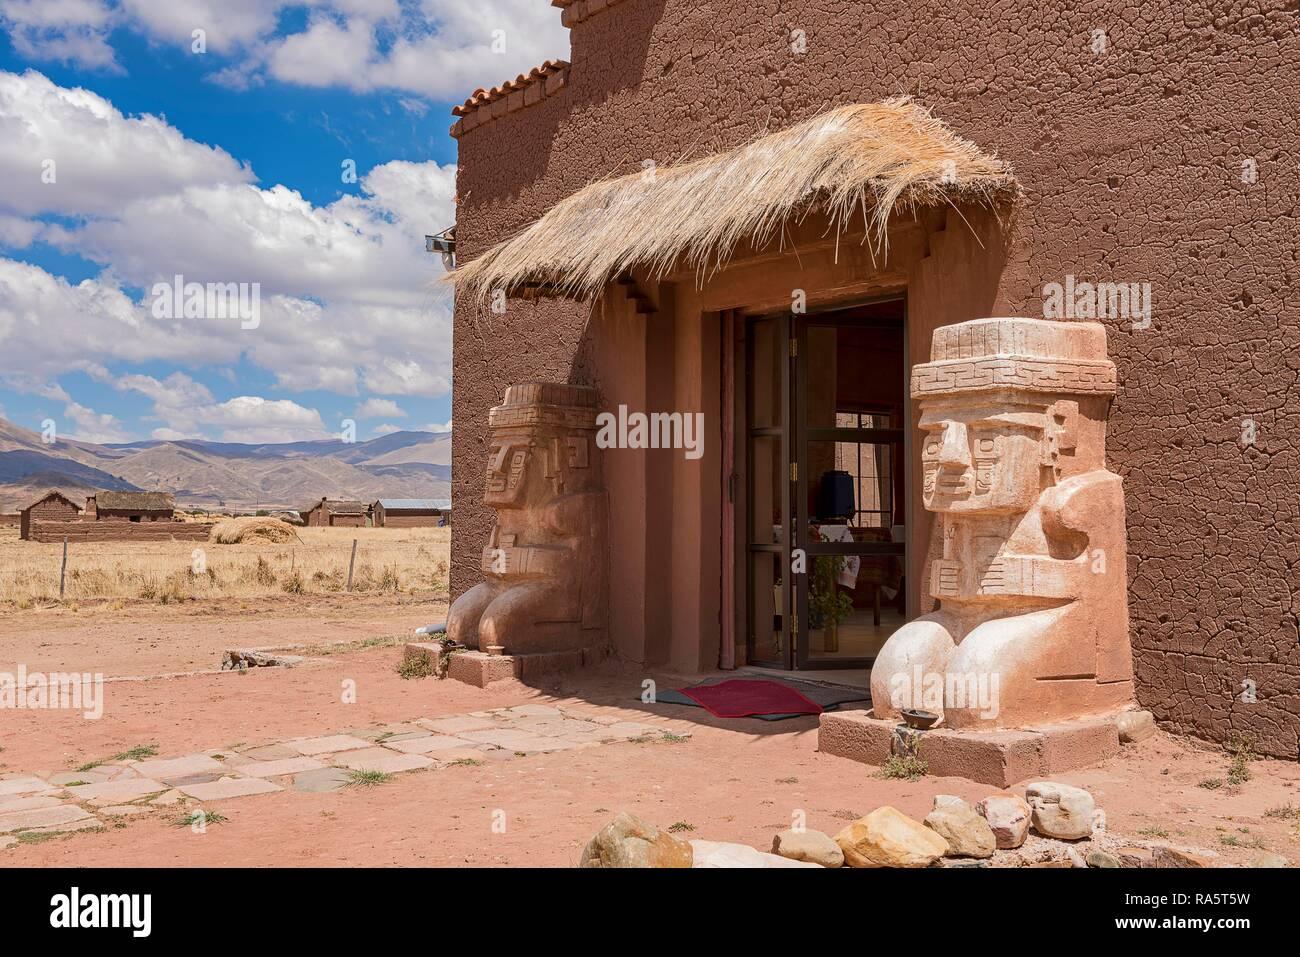 Entrée avec figures de pierre, Tihuanaku, ruines de cultures pré-Inca, Tihuanaku, Tiawanacu, Tiahuanaco, La Paz, Bolivie Banque D'Images